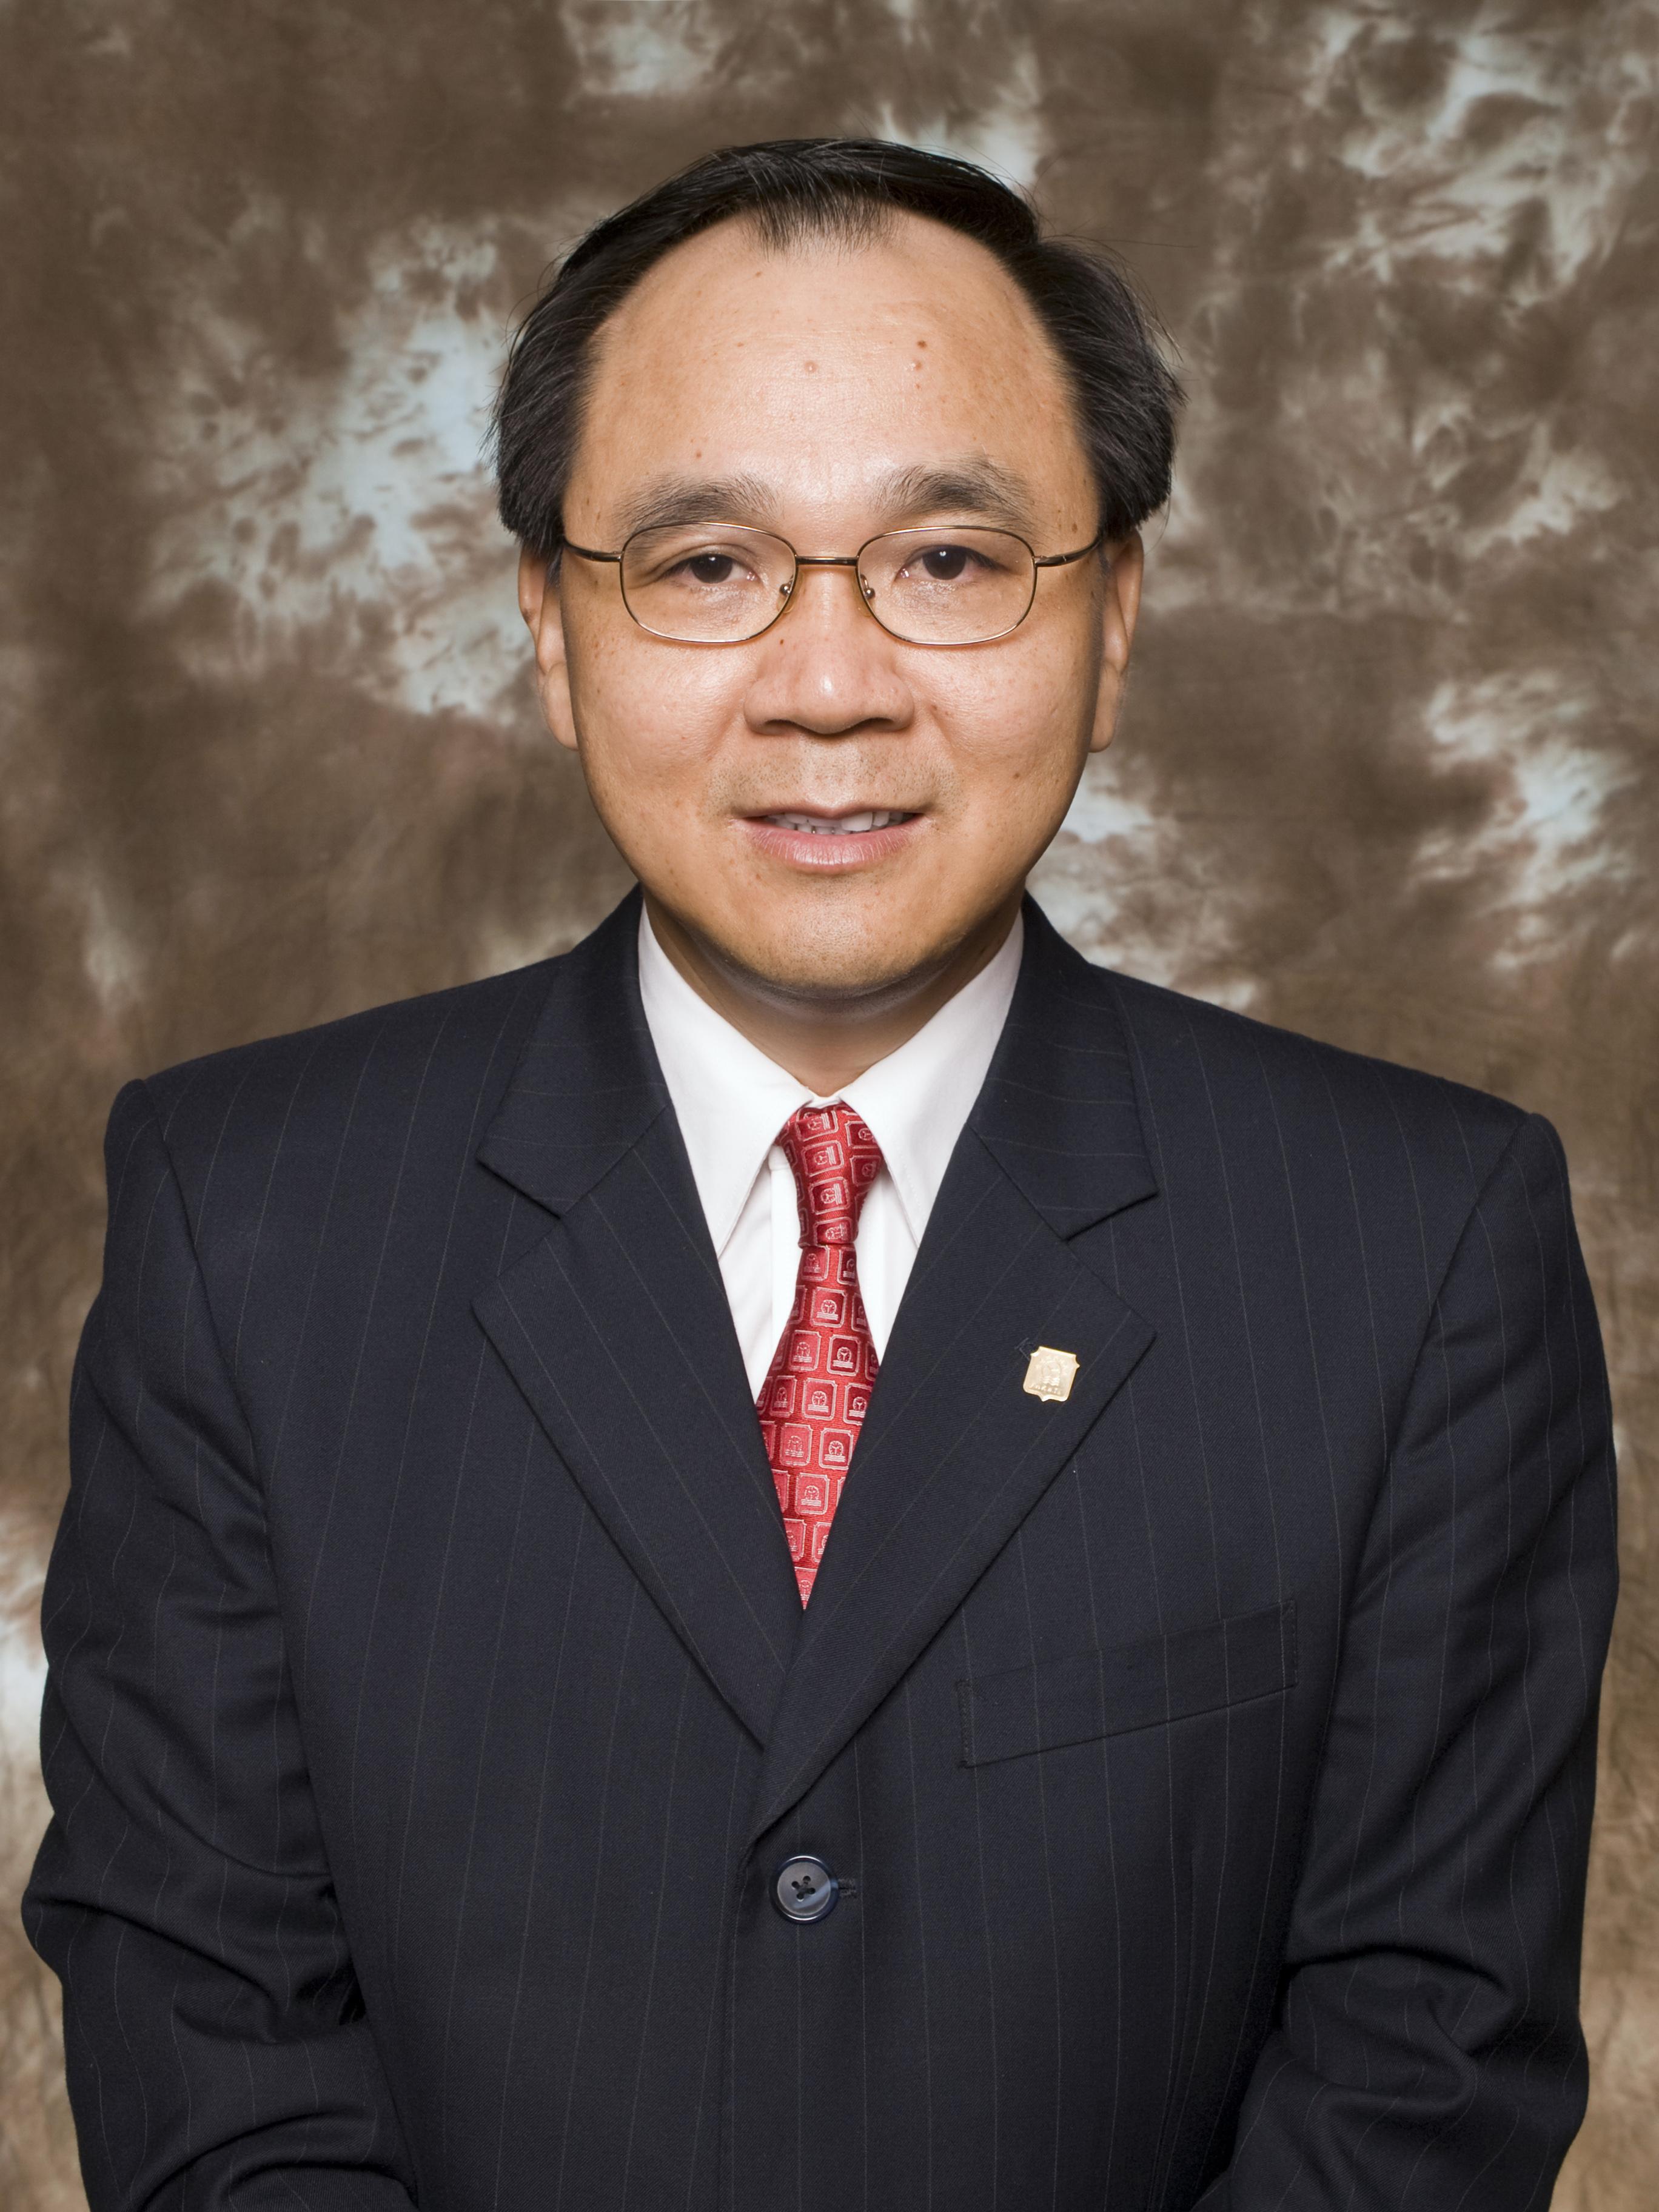 Barry Tse